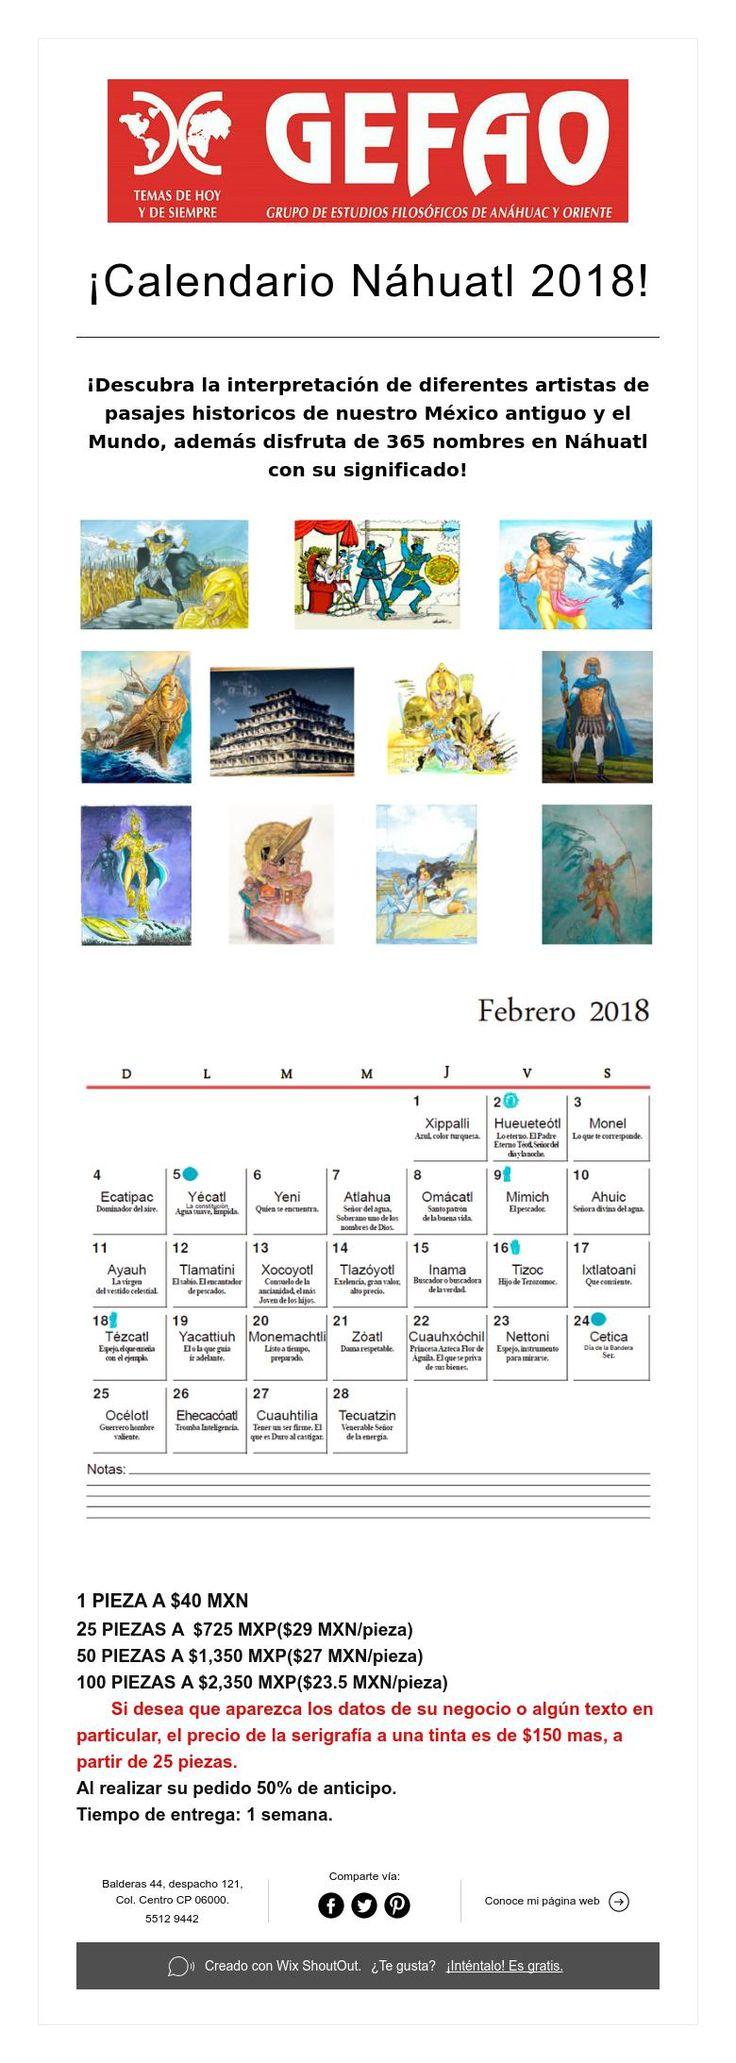 ¡Calendario Náhuatl 2018!